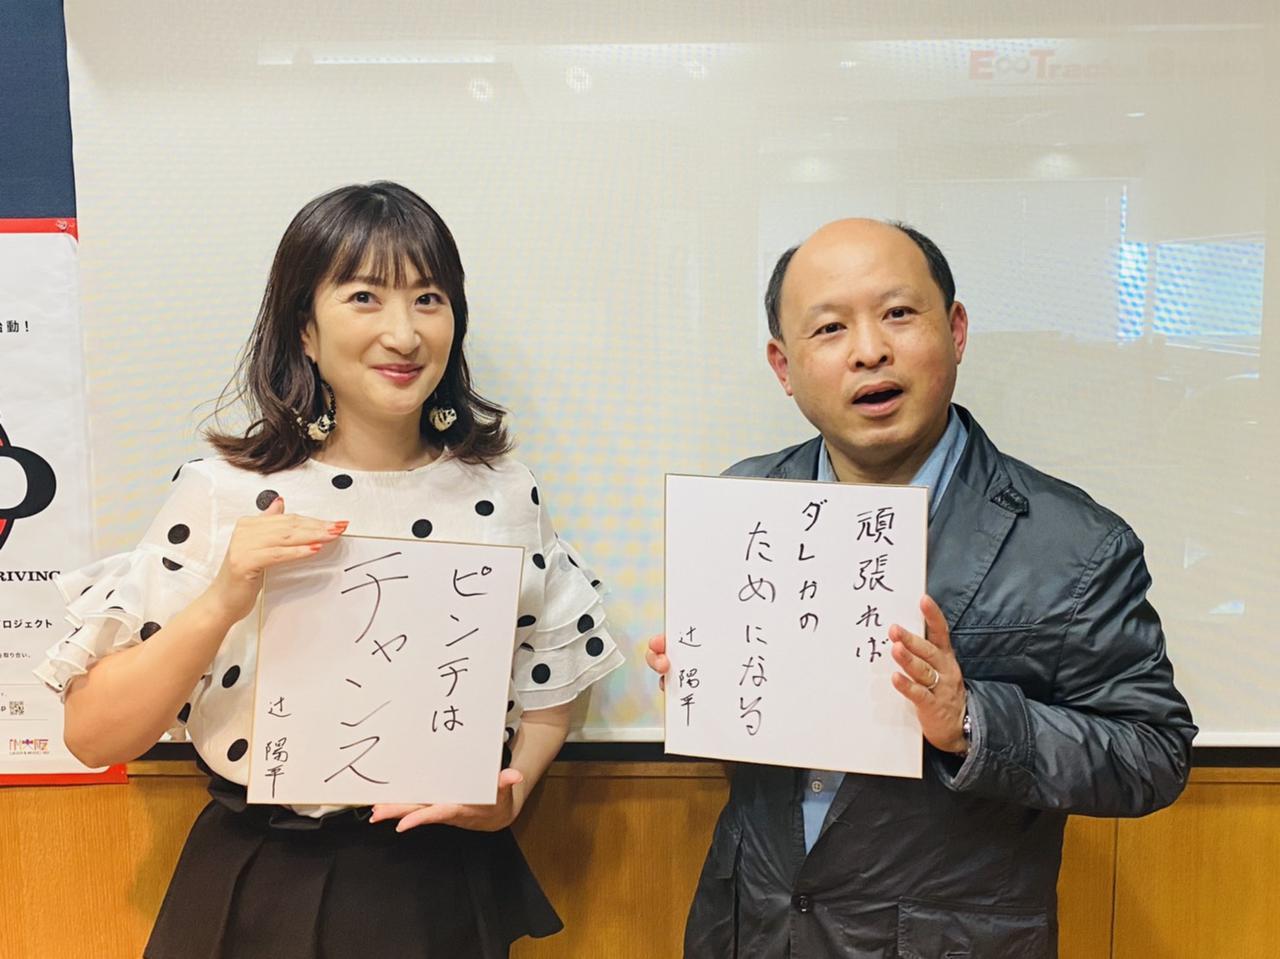 画像: 8/15(日) Game Changer #36 夢職人 辻社長の直筆色紙をプレゼント! - FM大阪 85.1